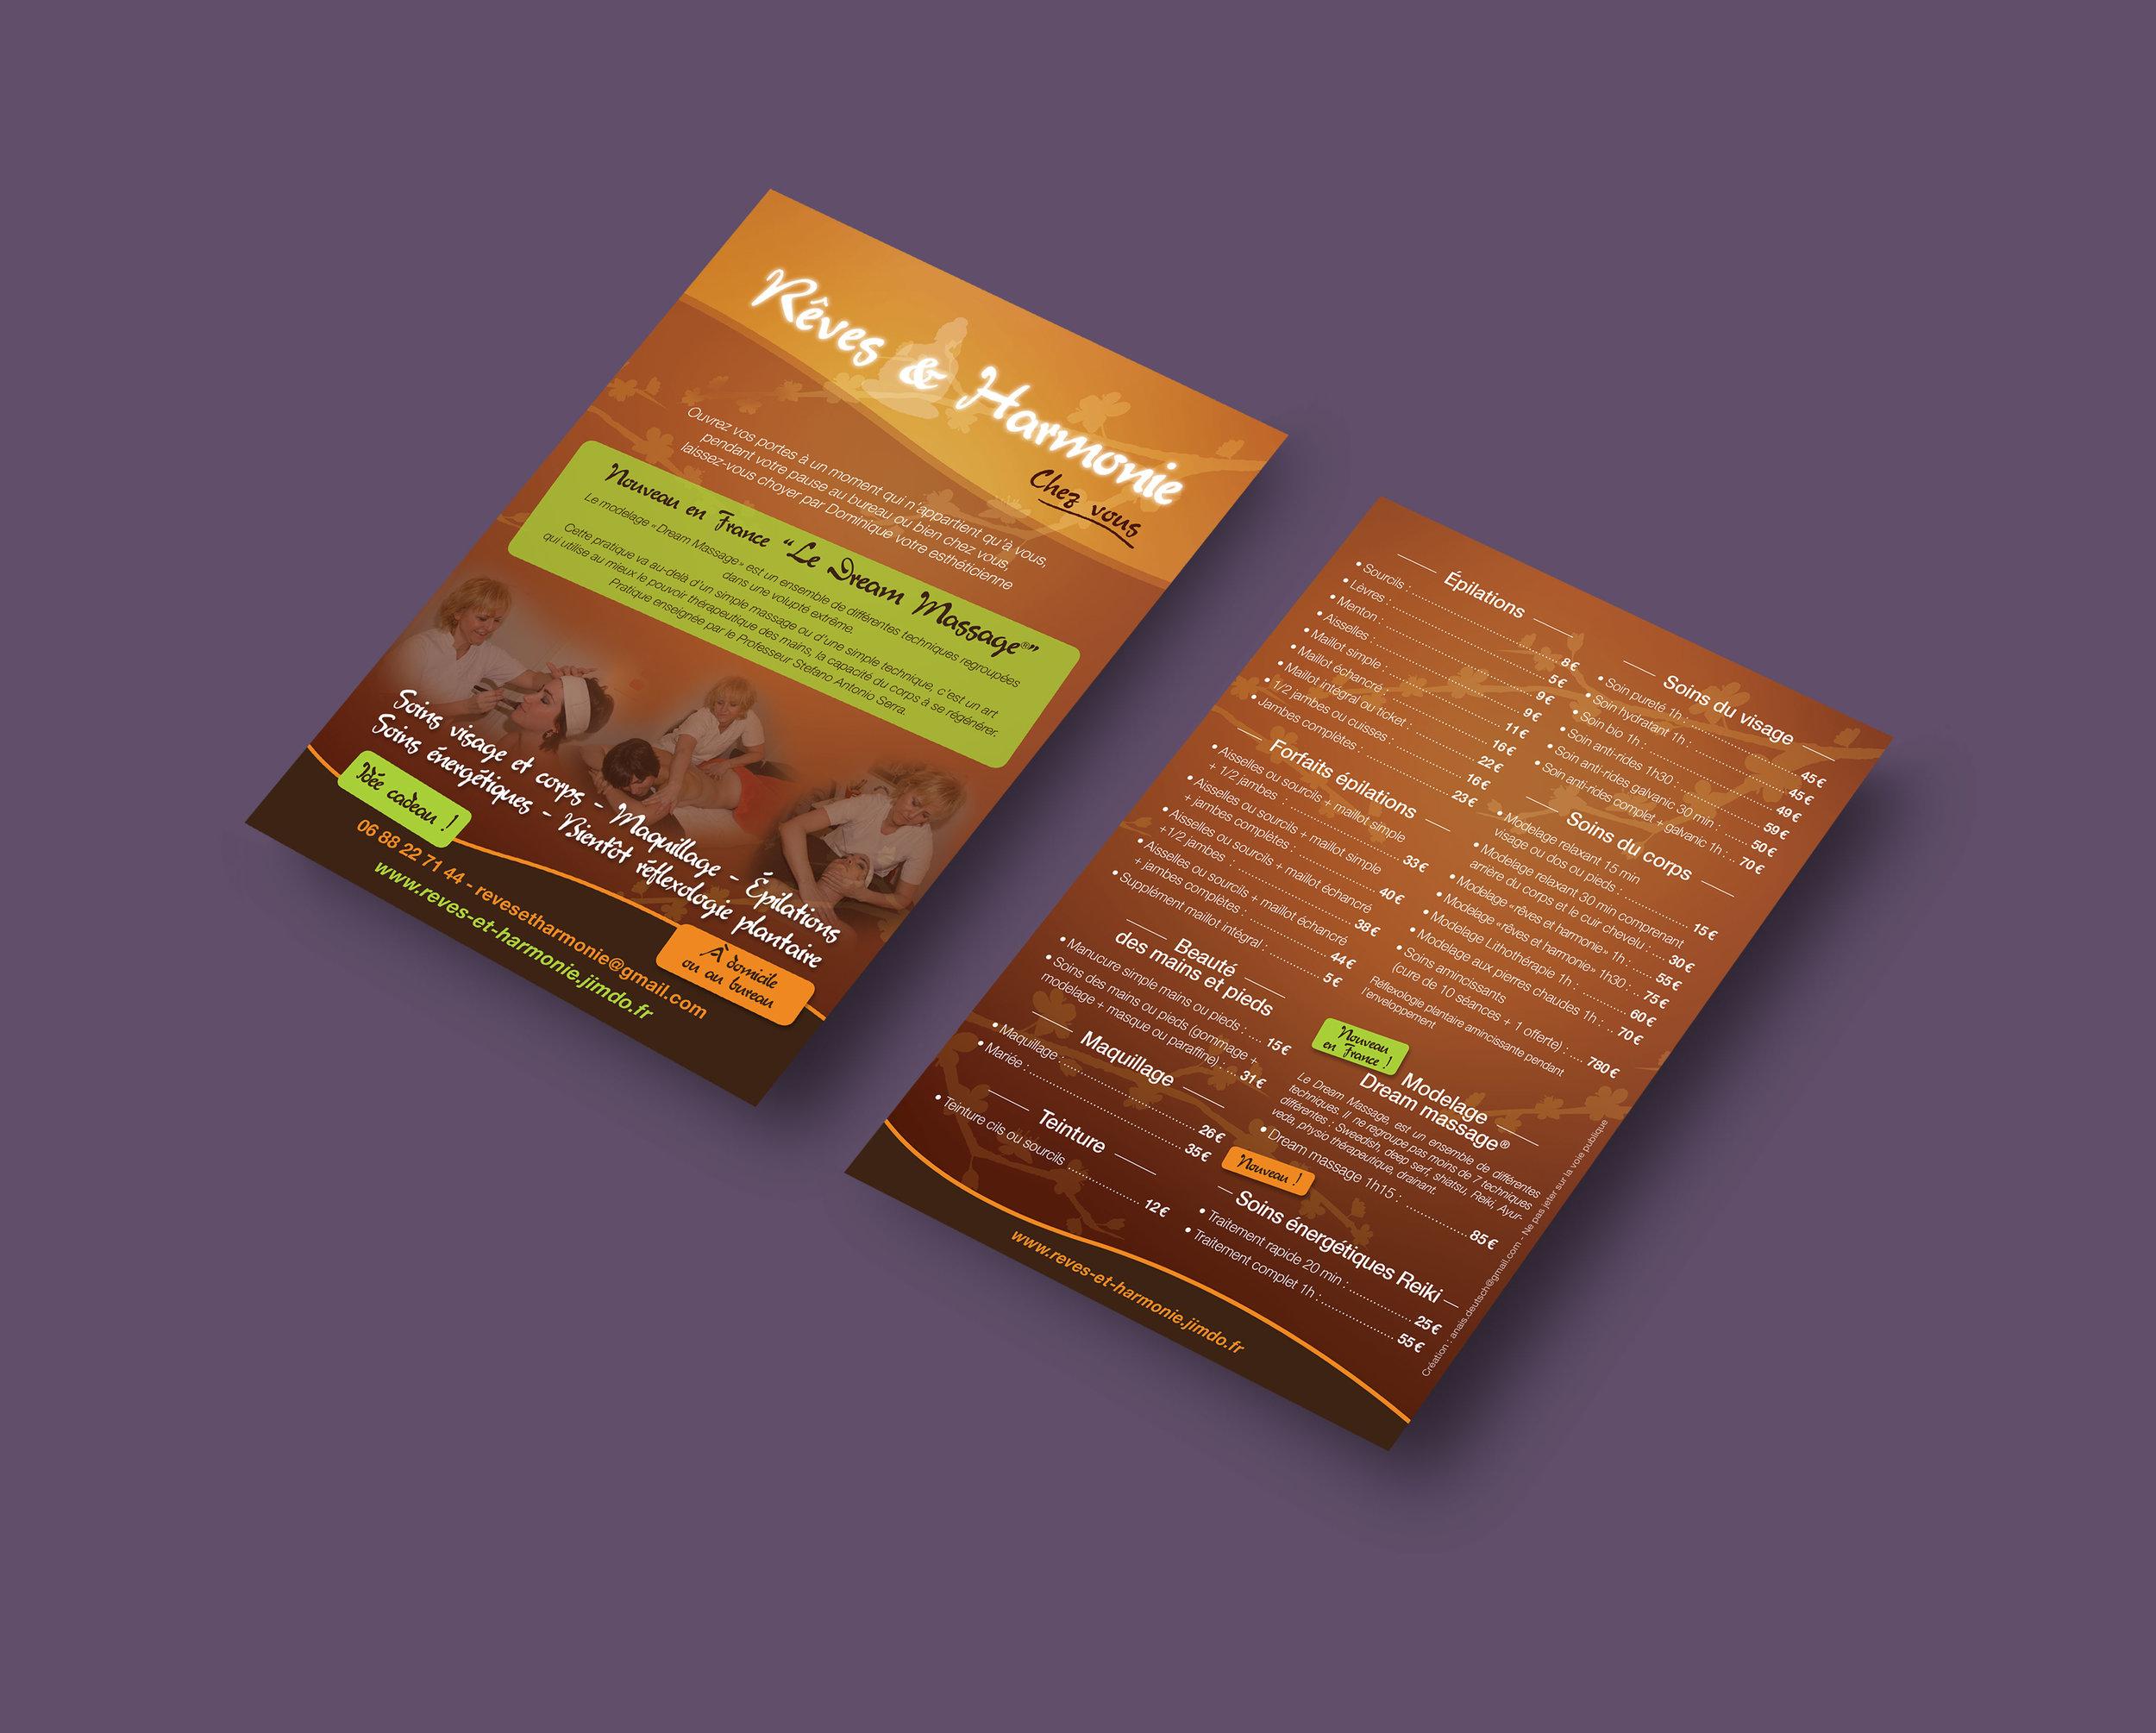 Creative-Pulse-reves-harmonie-flyer.jpg